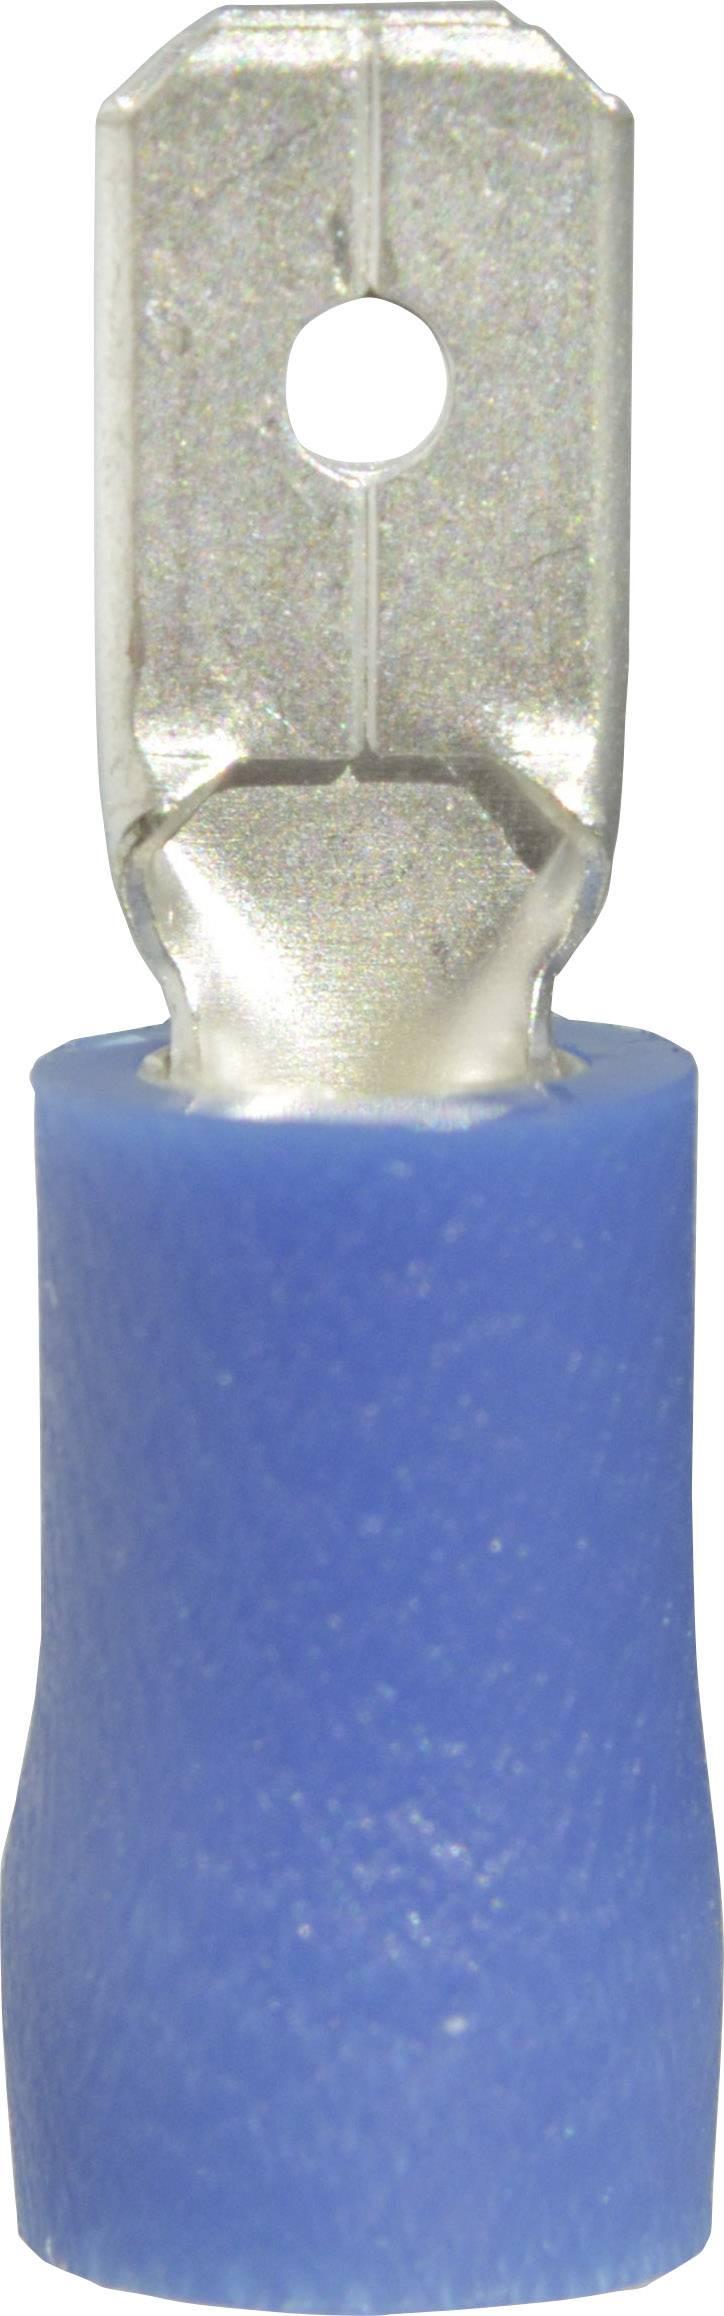 Faston konektor zástrčka Vogt Verbindungstechnik 393408 4.8 mm x 0.8 mm, 180 °, čiastočne izolované, modrá, 1 ks